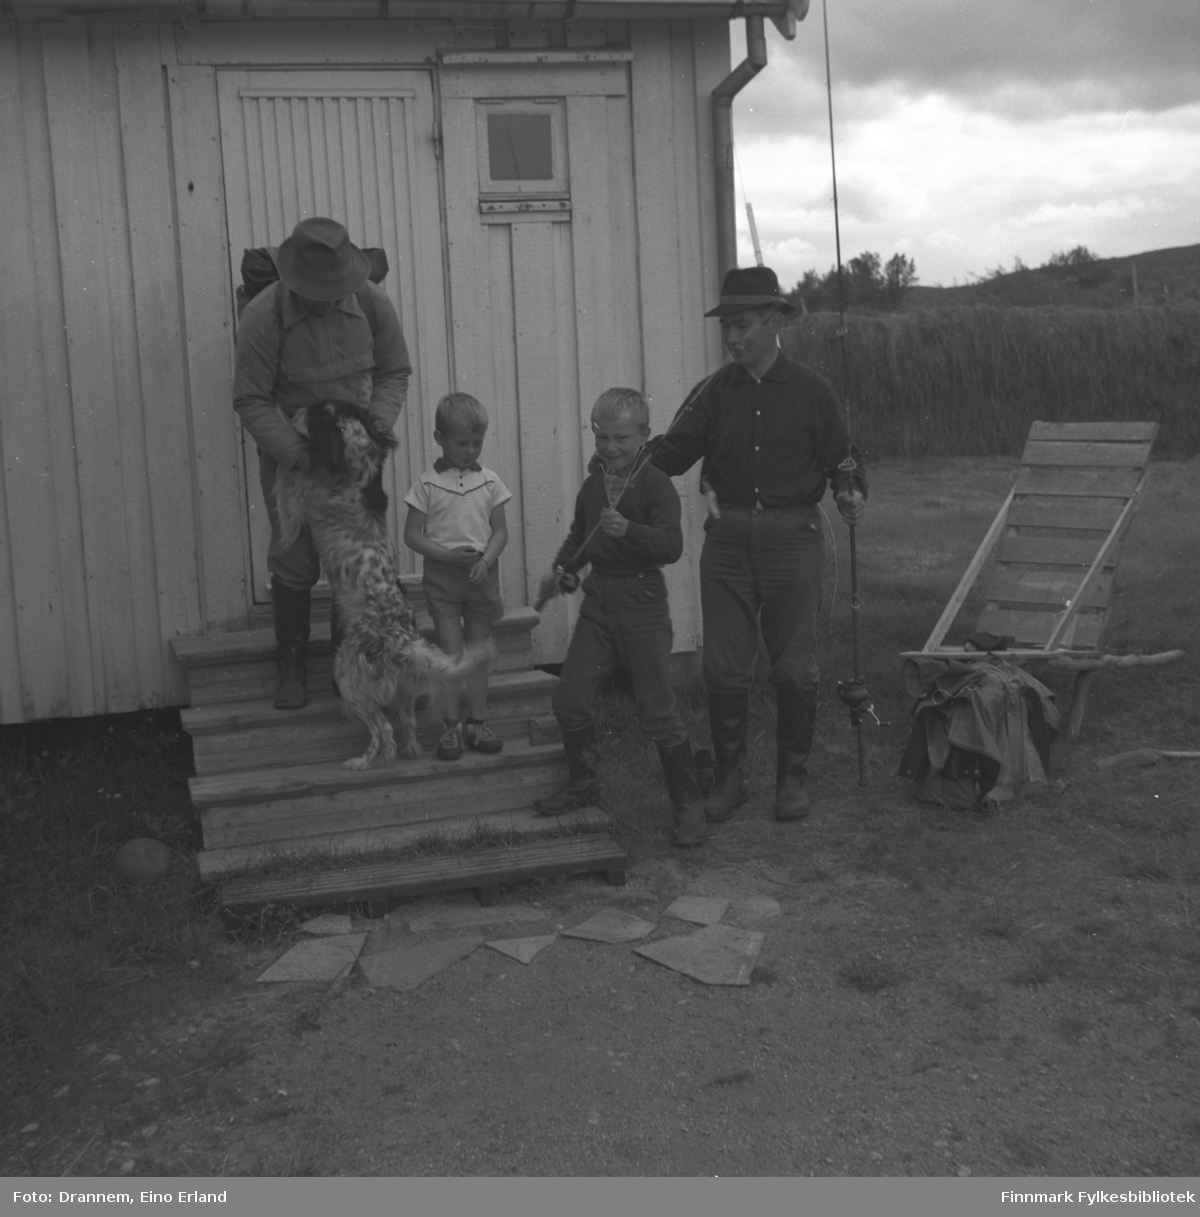 Fire personer og en hund står utenfor en bygning, muligens i Neiden. Gutten i hvit t-skjorte er Hans Gabrielsen, ved siden av er Ole Gabrielsen og mannen til høyre på bildet er Odd Gabrielsen. Mannen med hunden Rexi foran seg er ukjent.